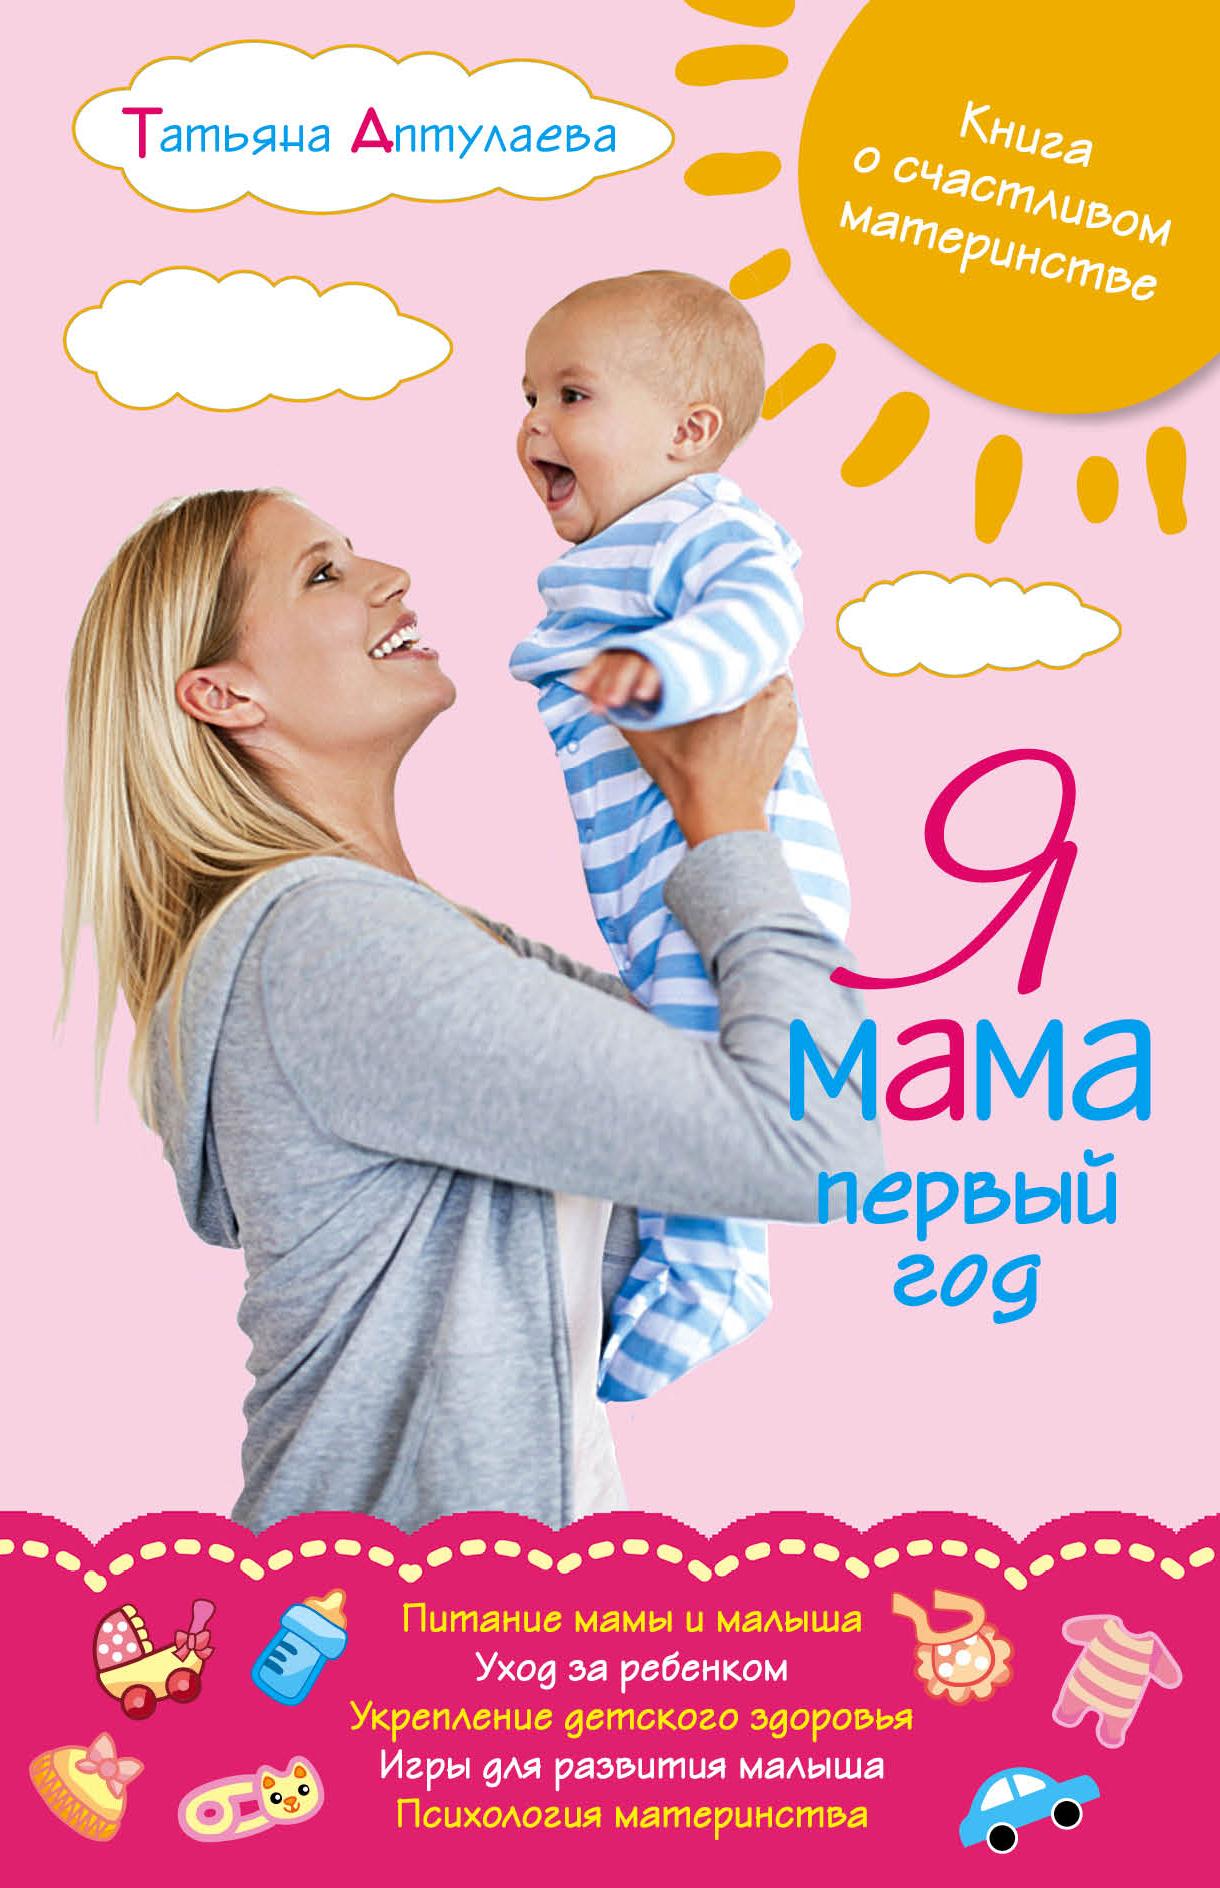 Я мама первый год. Книга о счастливом материнстве